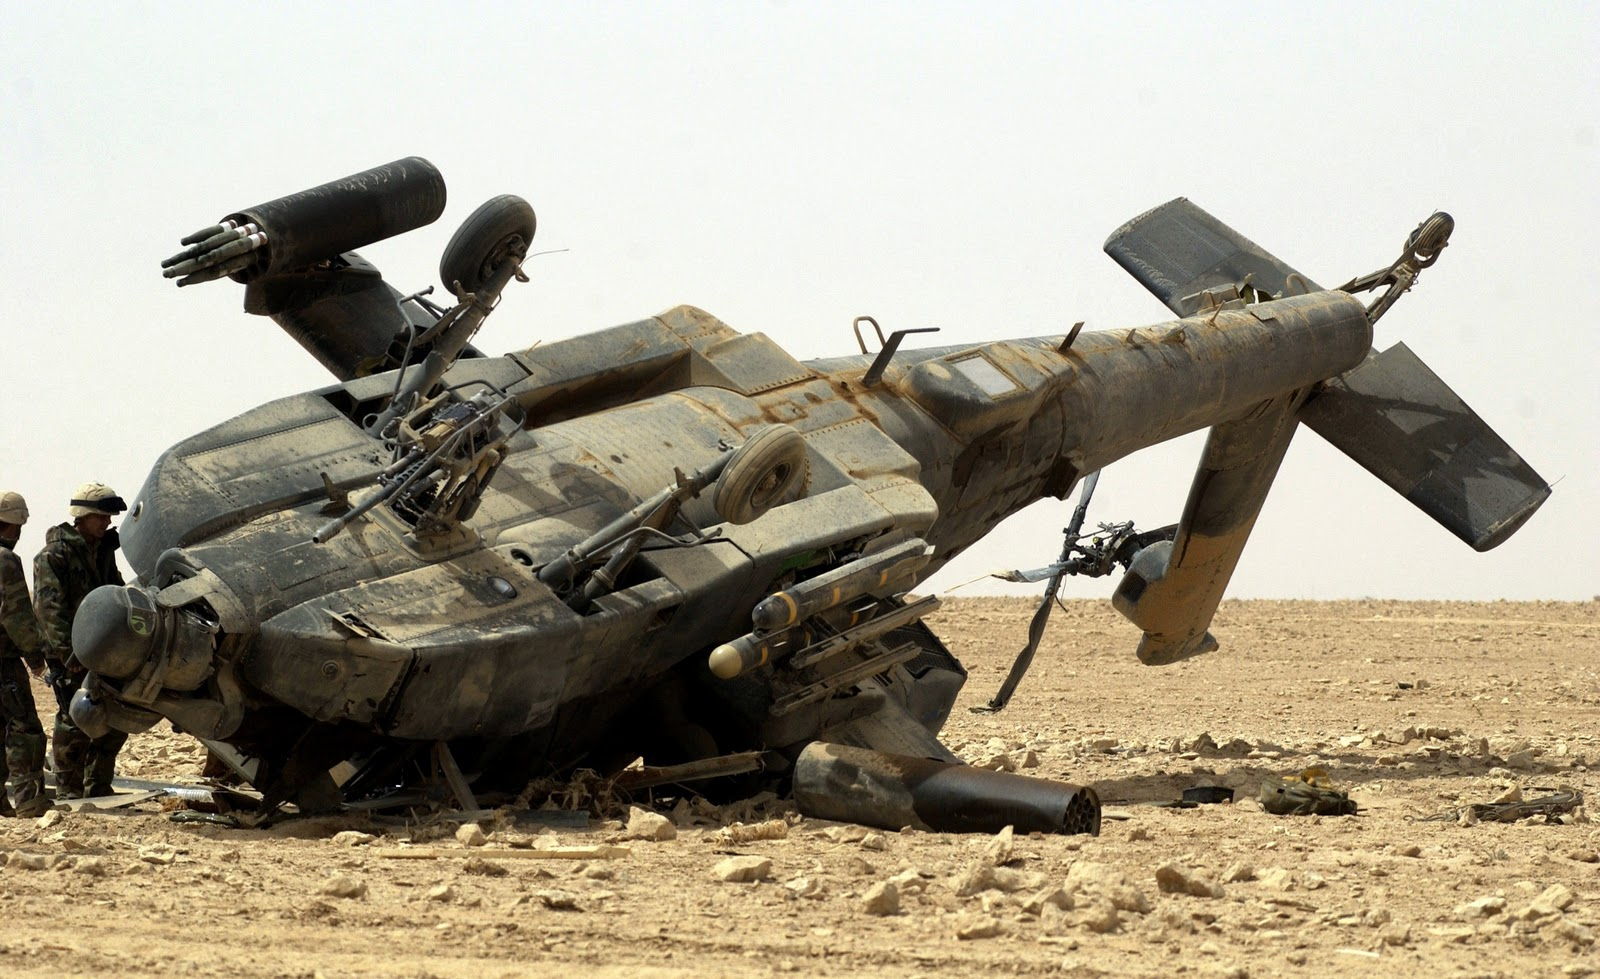 http://2.bp.blogspot.com/-raLJNP2WVq8/TosQcgANOVI/AAAAAAAAGZY/LbfVu-6dP1c/s1600/ah64_apache_broken_iraq.jpg